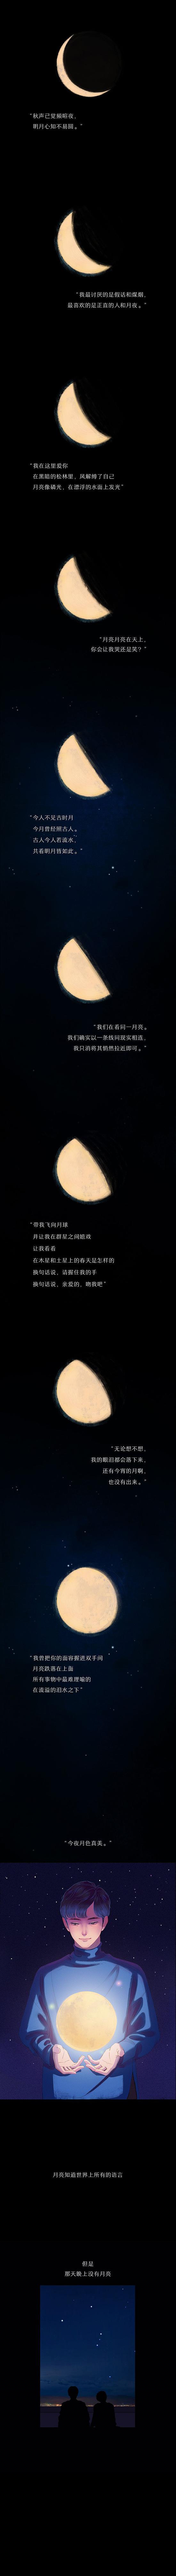 每个人都是月亮,有一面永远不为人所知